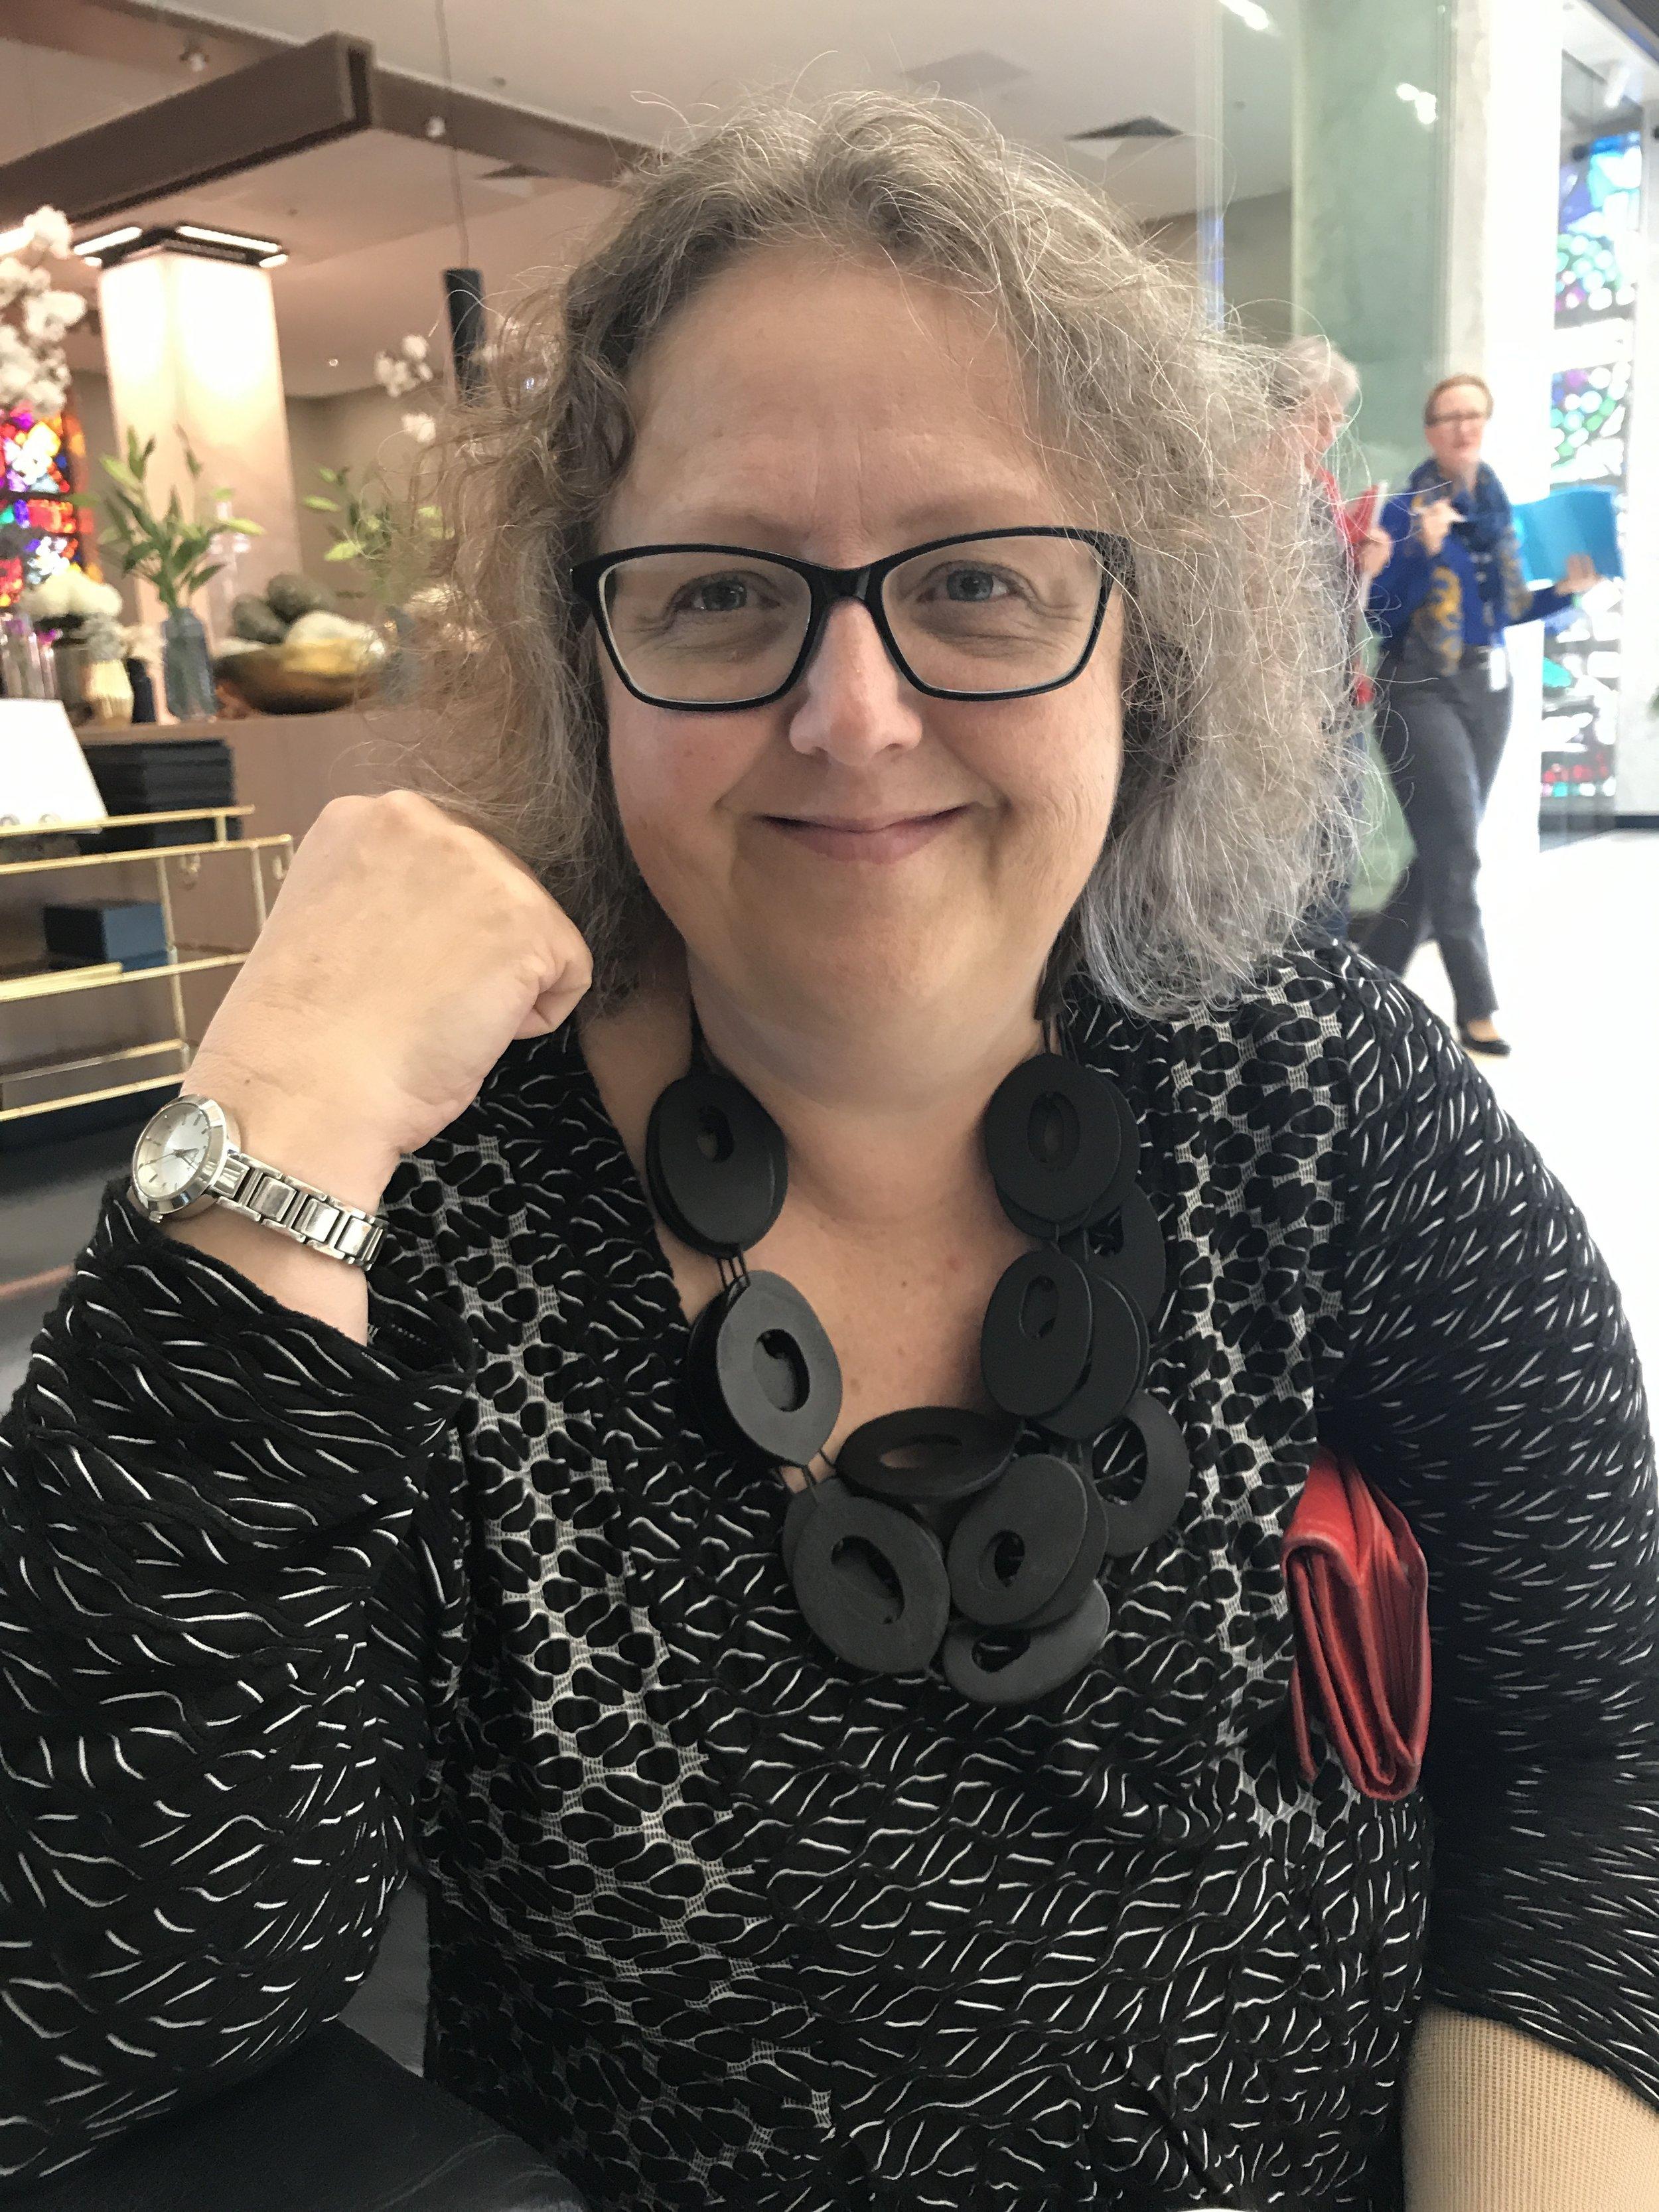 Kathryn showing off her Elk necklace